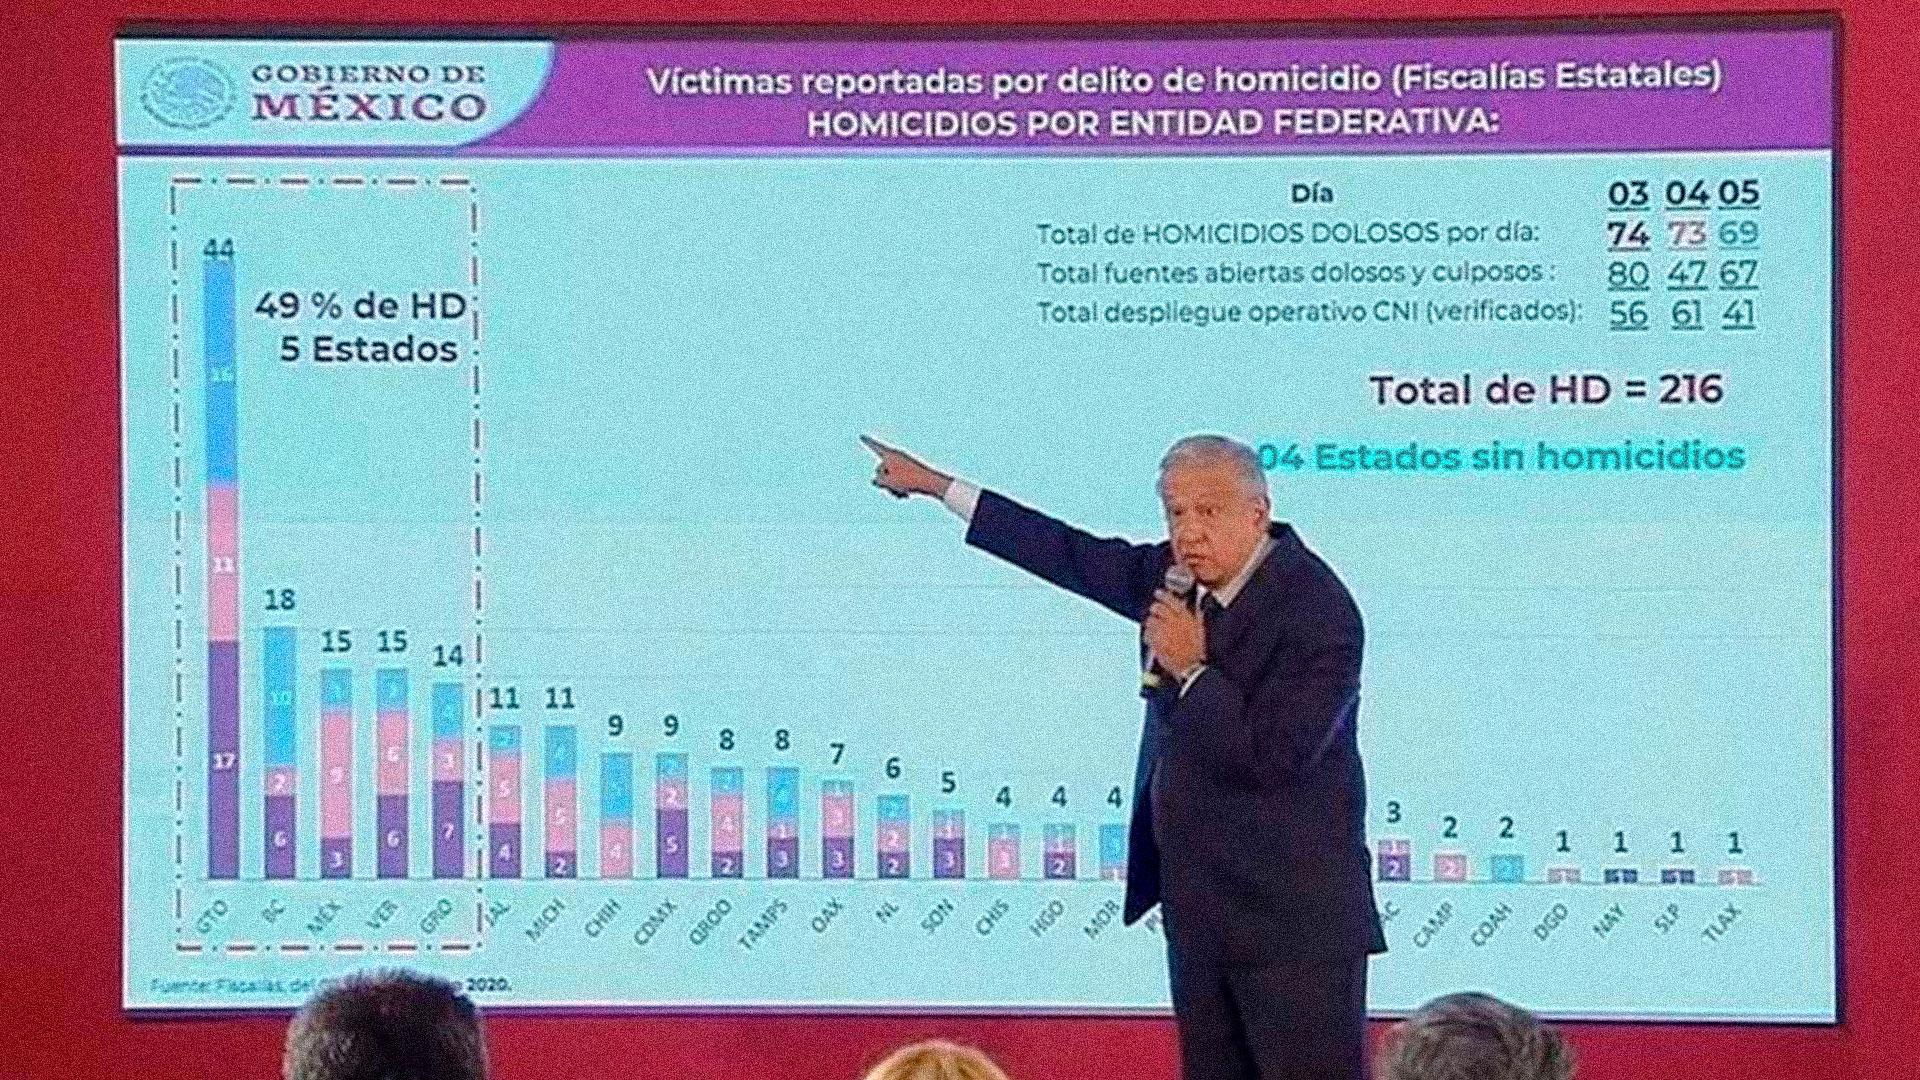 La decisión de atacar a los dos cárteles que se disputan el control del estado de Guanajuato de manera simultánea la tomó el Presidente de la República, con el objeto de disminuir la cifra global de homicidios dolosos que se cometen en el país. Captura de pantalla de la conferencia matutina del Presidente, del 7 de enero de este año.